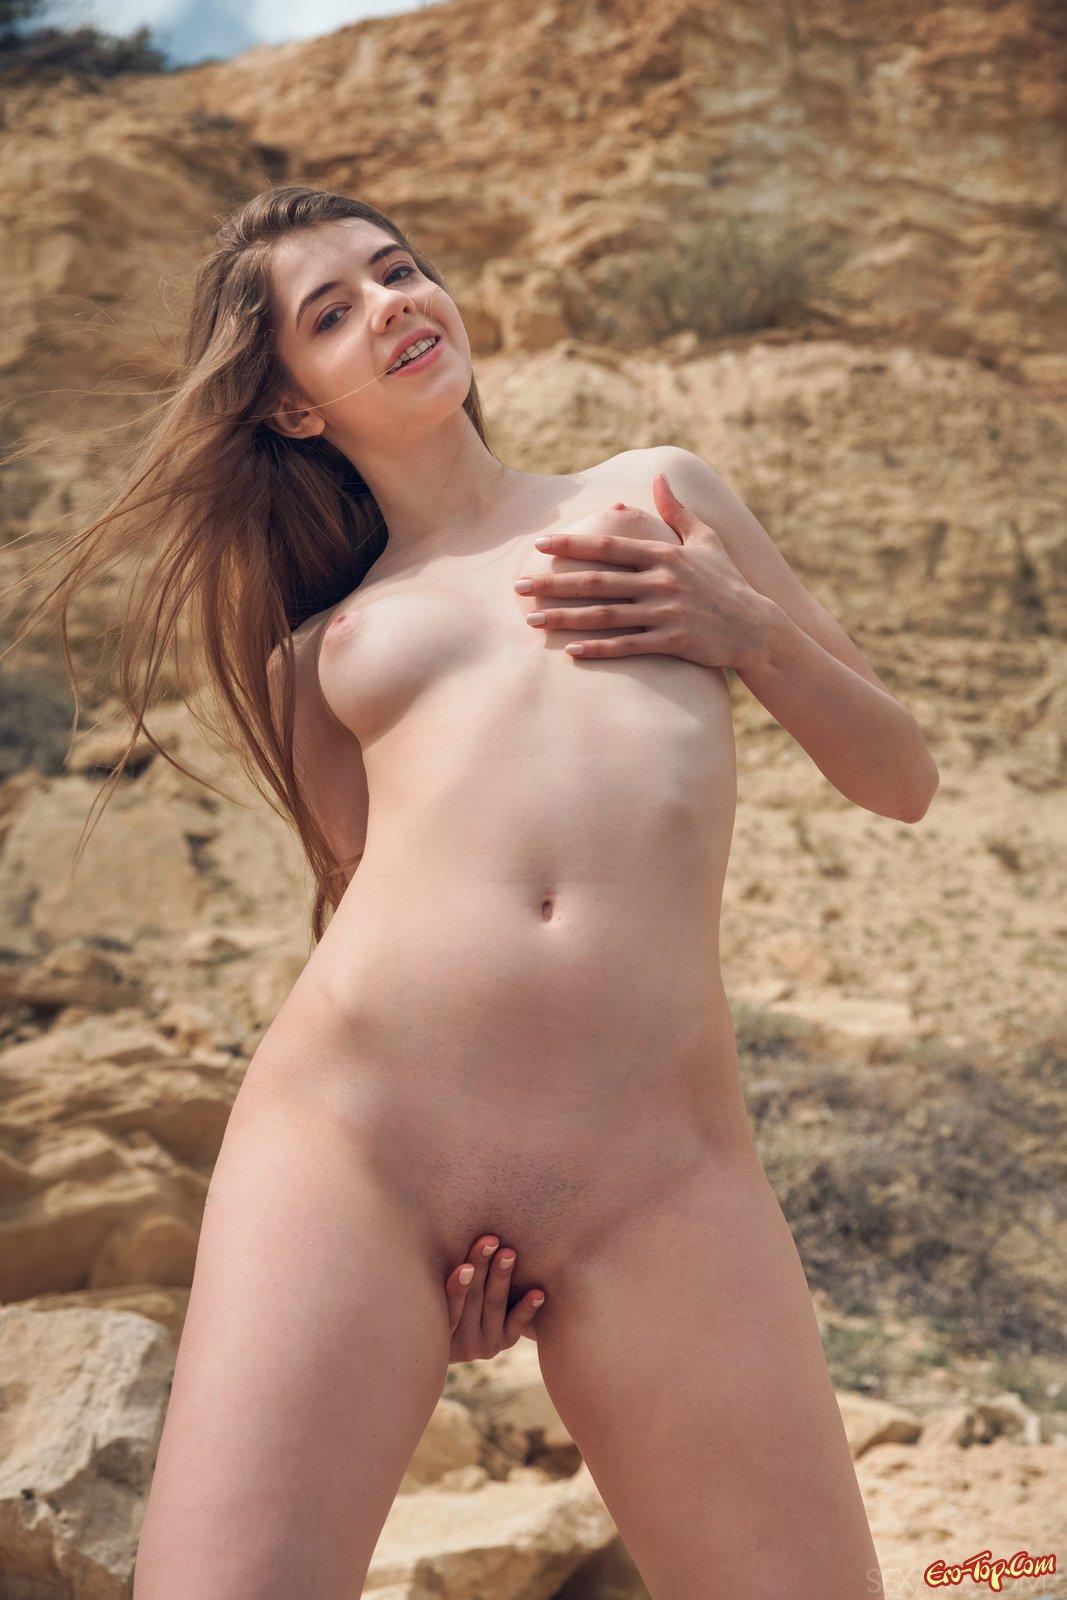 Голая модель эротично делает селфи на камнях на берегу моря секс фото